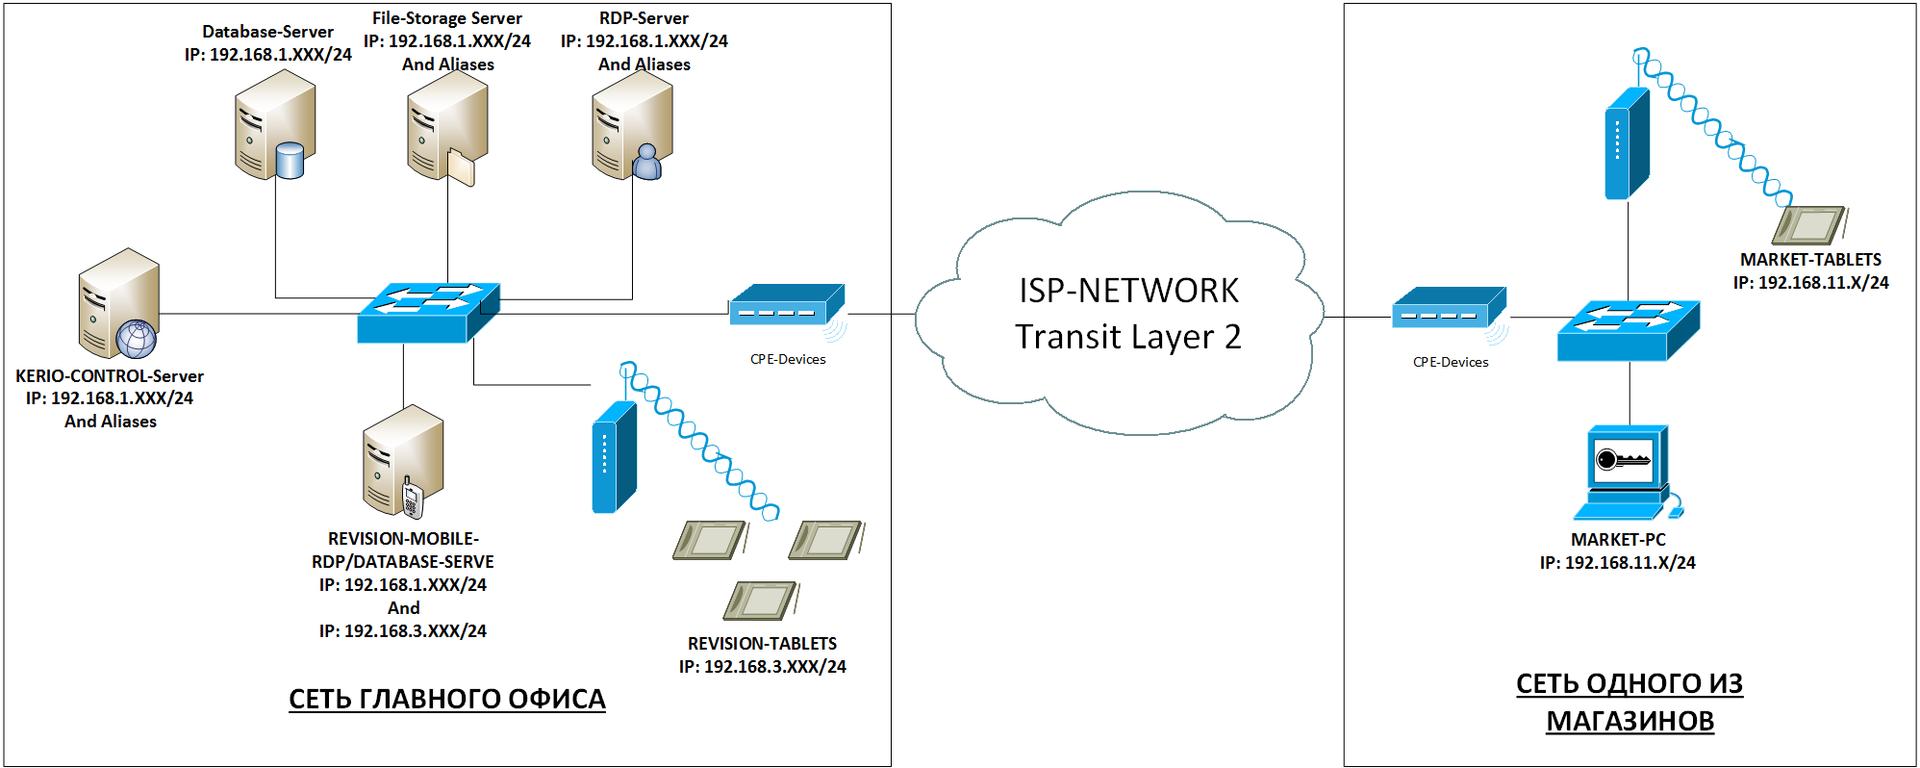 Как я ловил Wi-Fi принтер по OSPF, корпоративная сеть на MikroTik часть 2 - 2